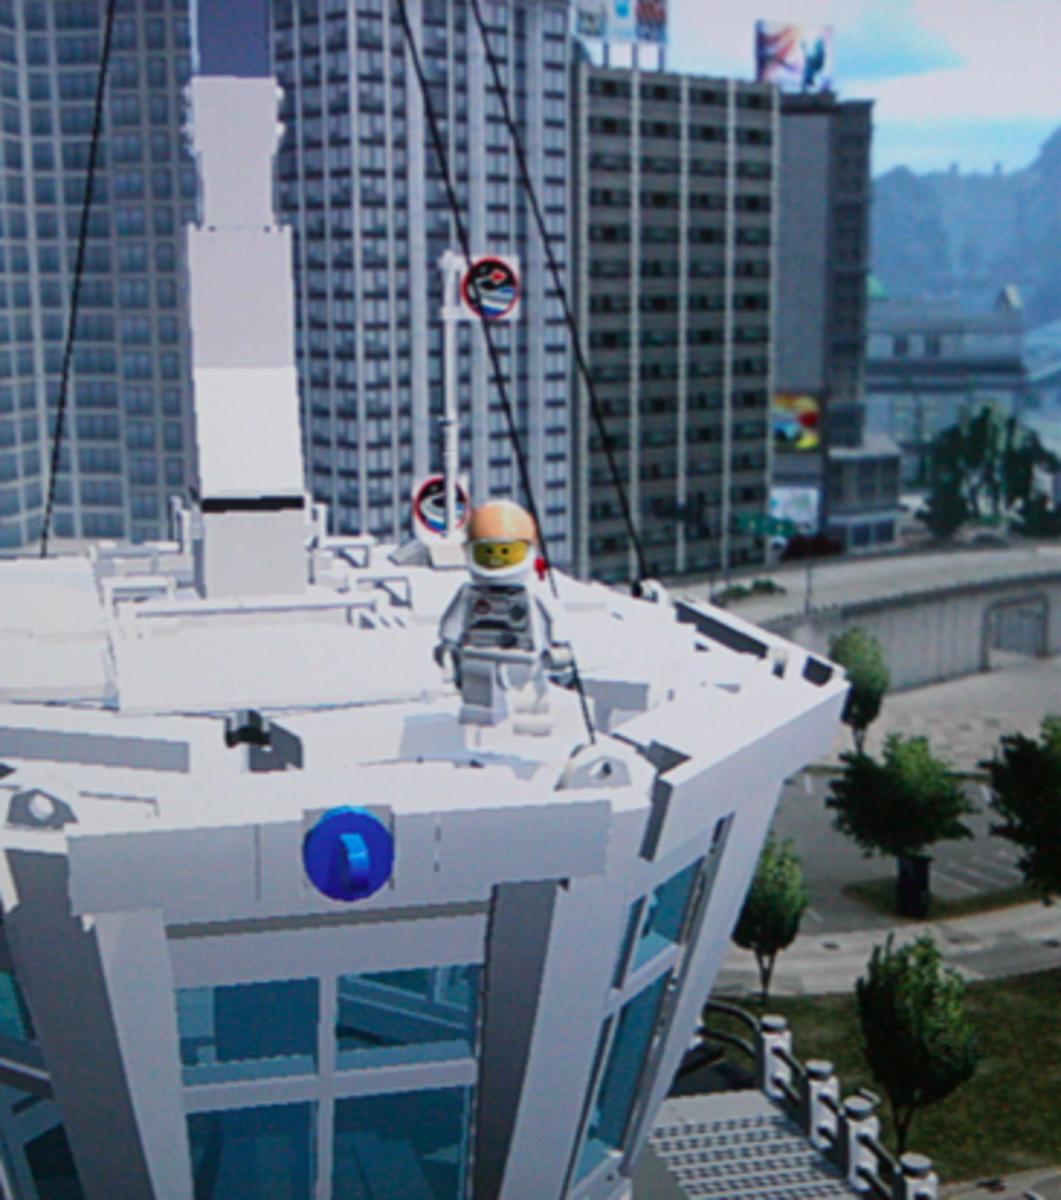 LEGO City Undercover walkthrough: LEGO City Airport Collectibles